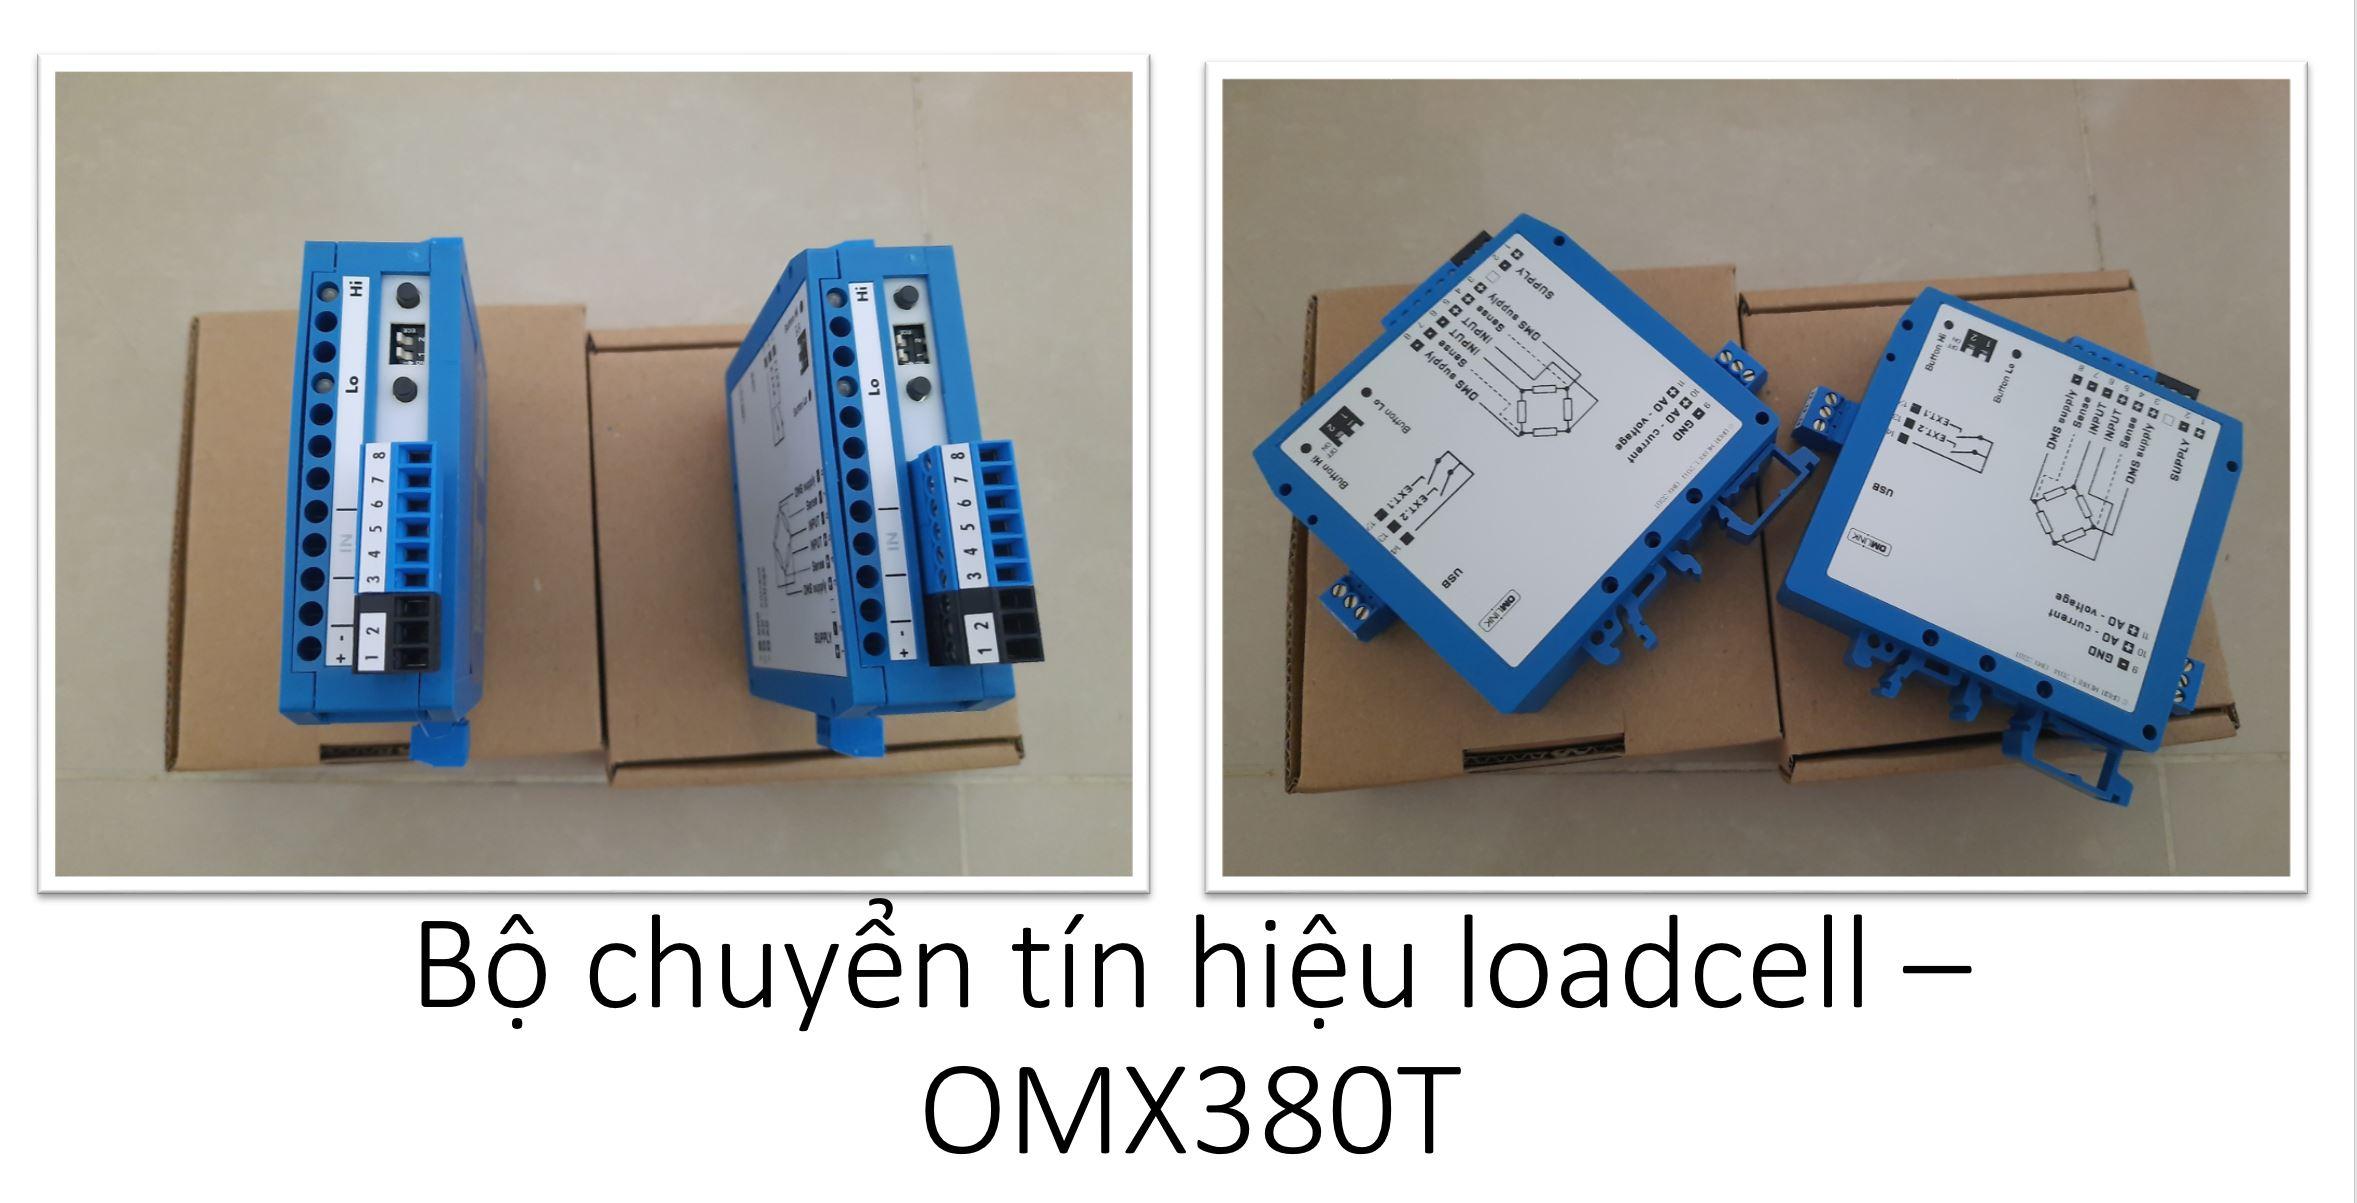 Bộ chuyển tín hiệu loadcell - OMX380T